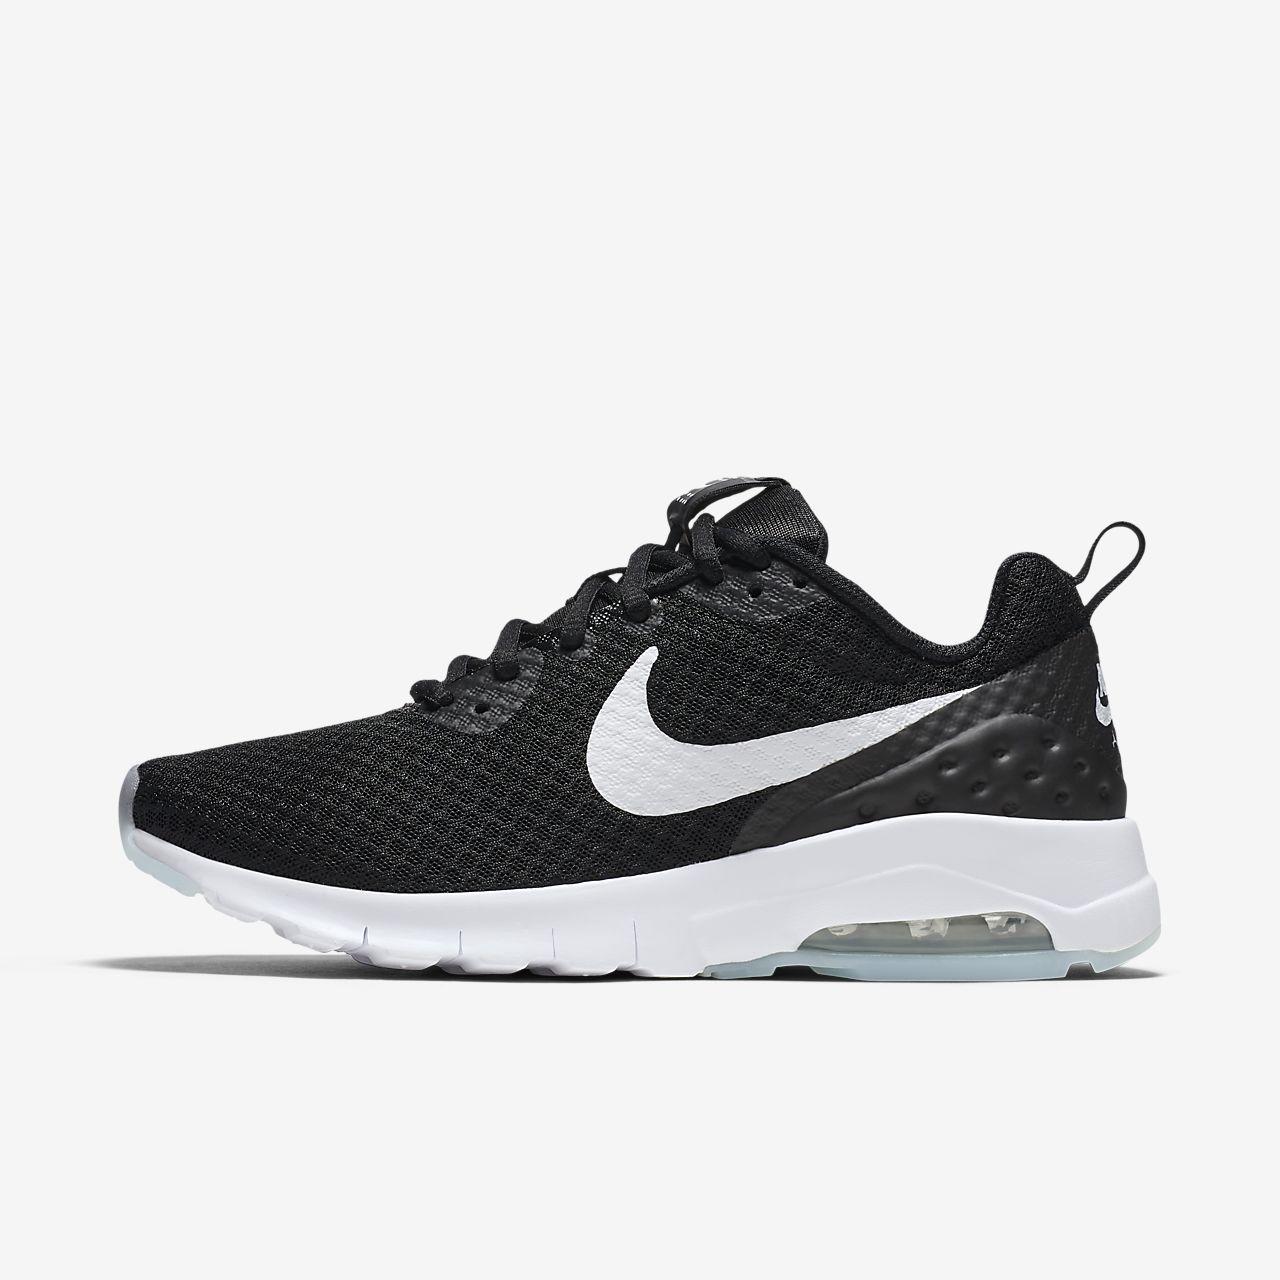 18700594546a Nike Air Max Motion Low-sko til kvinder. Nike.com DK